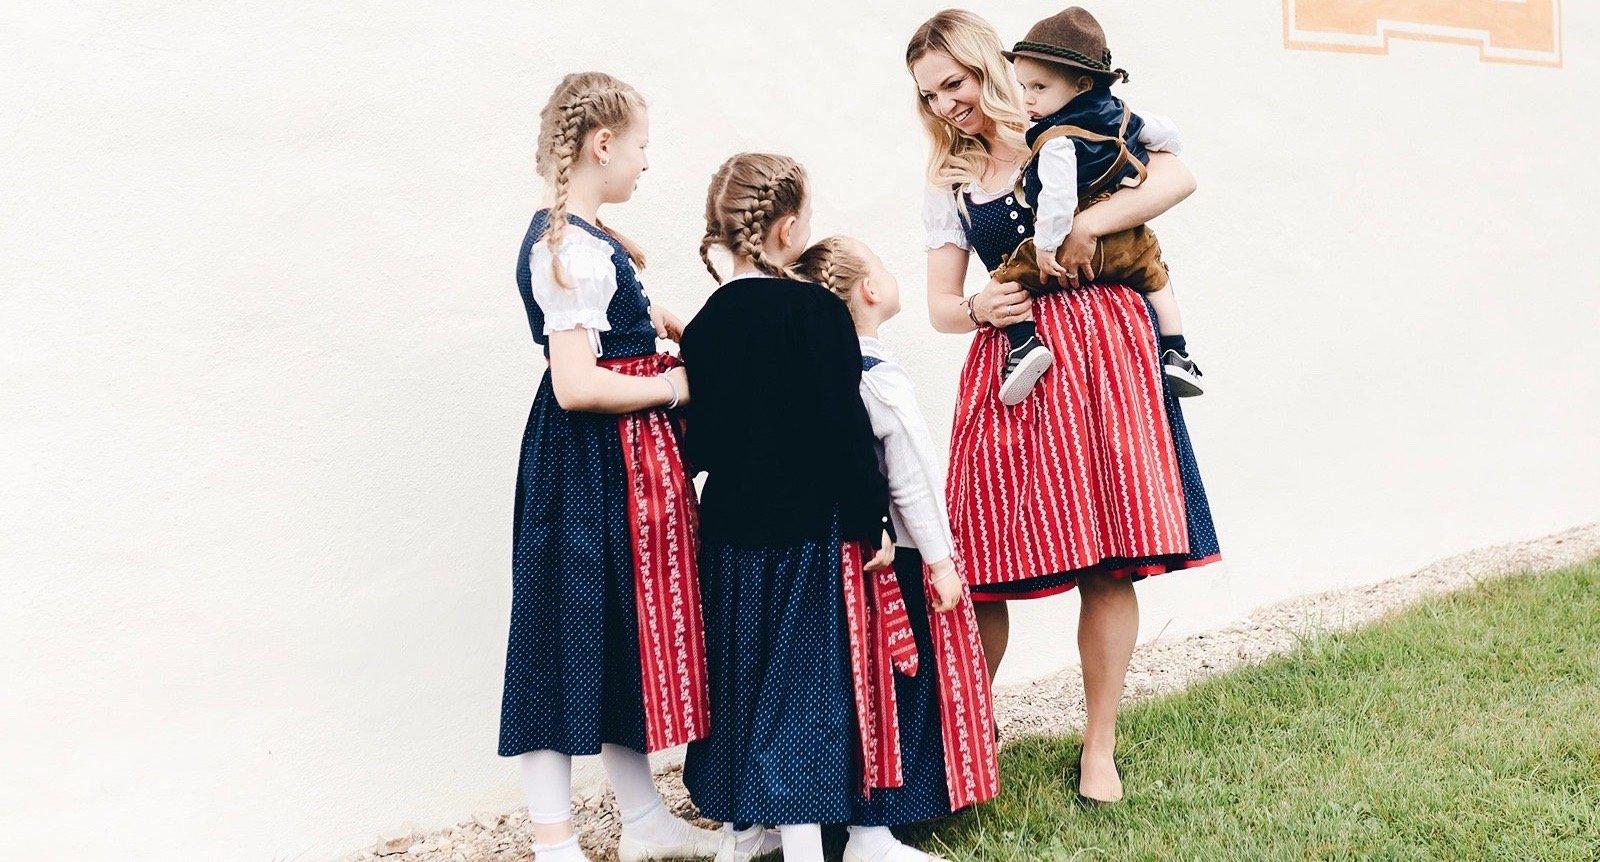 Die 4 Taufe Was Ist Zu Beachten Mamawahnsinnhochvier